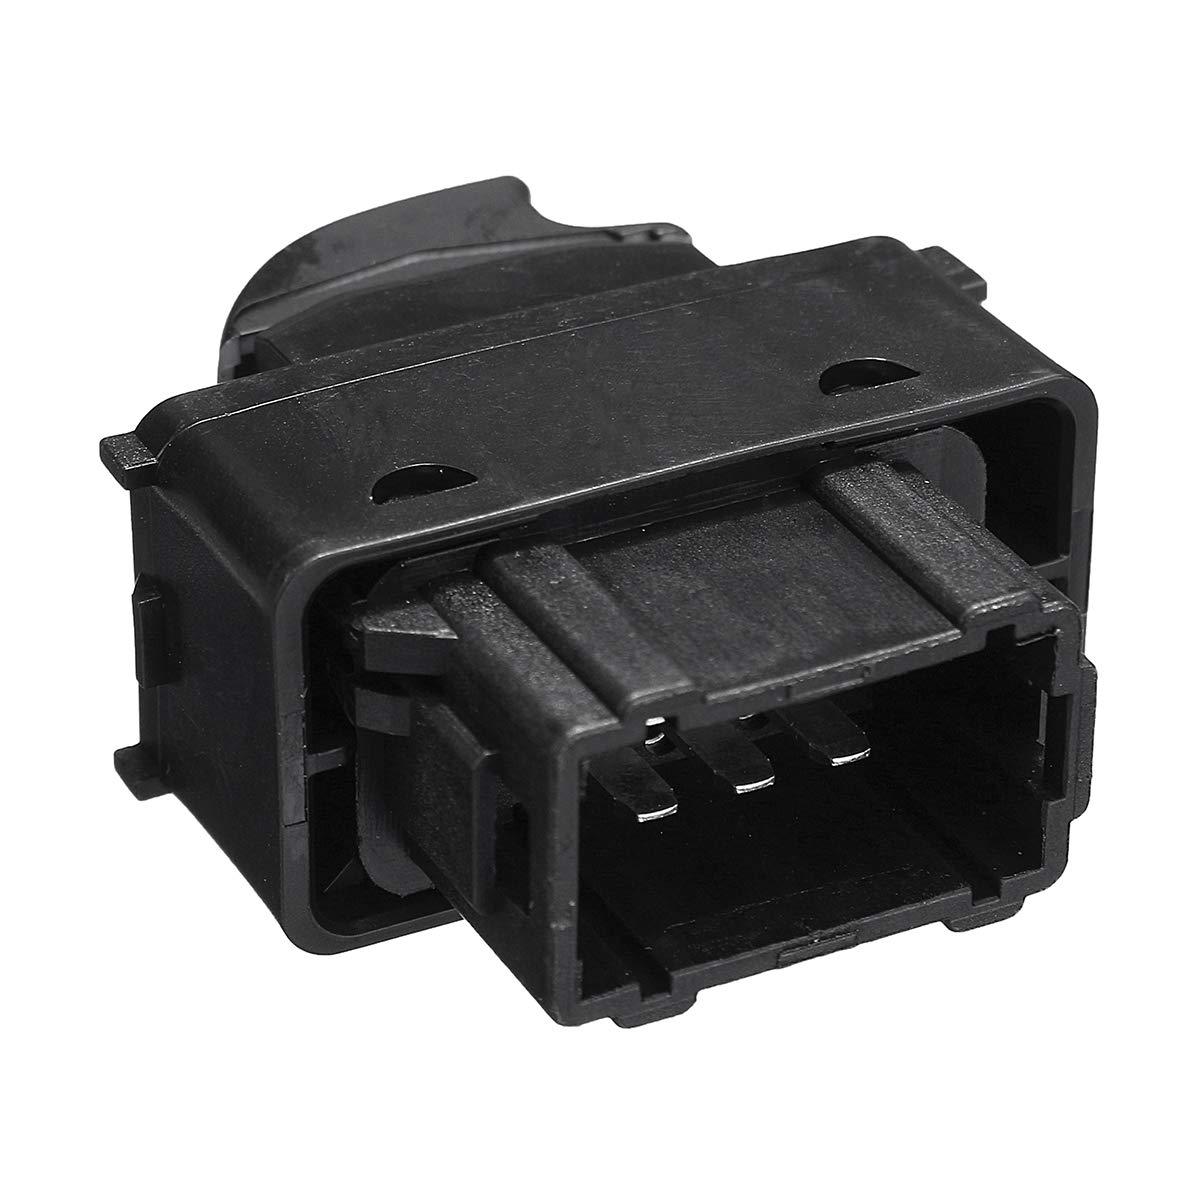 JenNiFer Interruptor De La Ventana del Bot/ón De Control De Potencia Delantero Izquierdo para Peugeot 207 Y para Citroen Berlingo